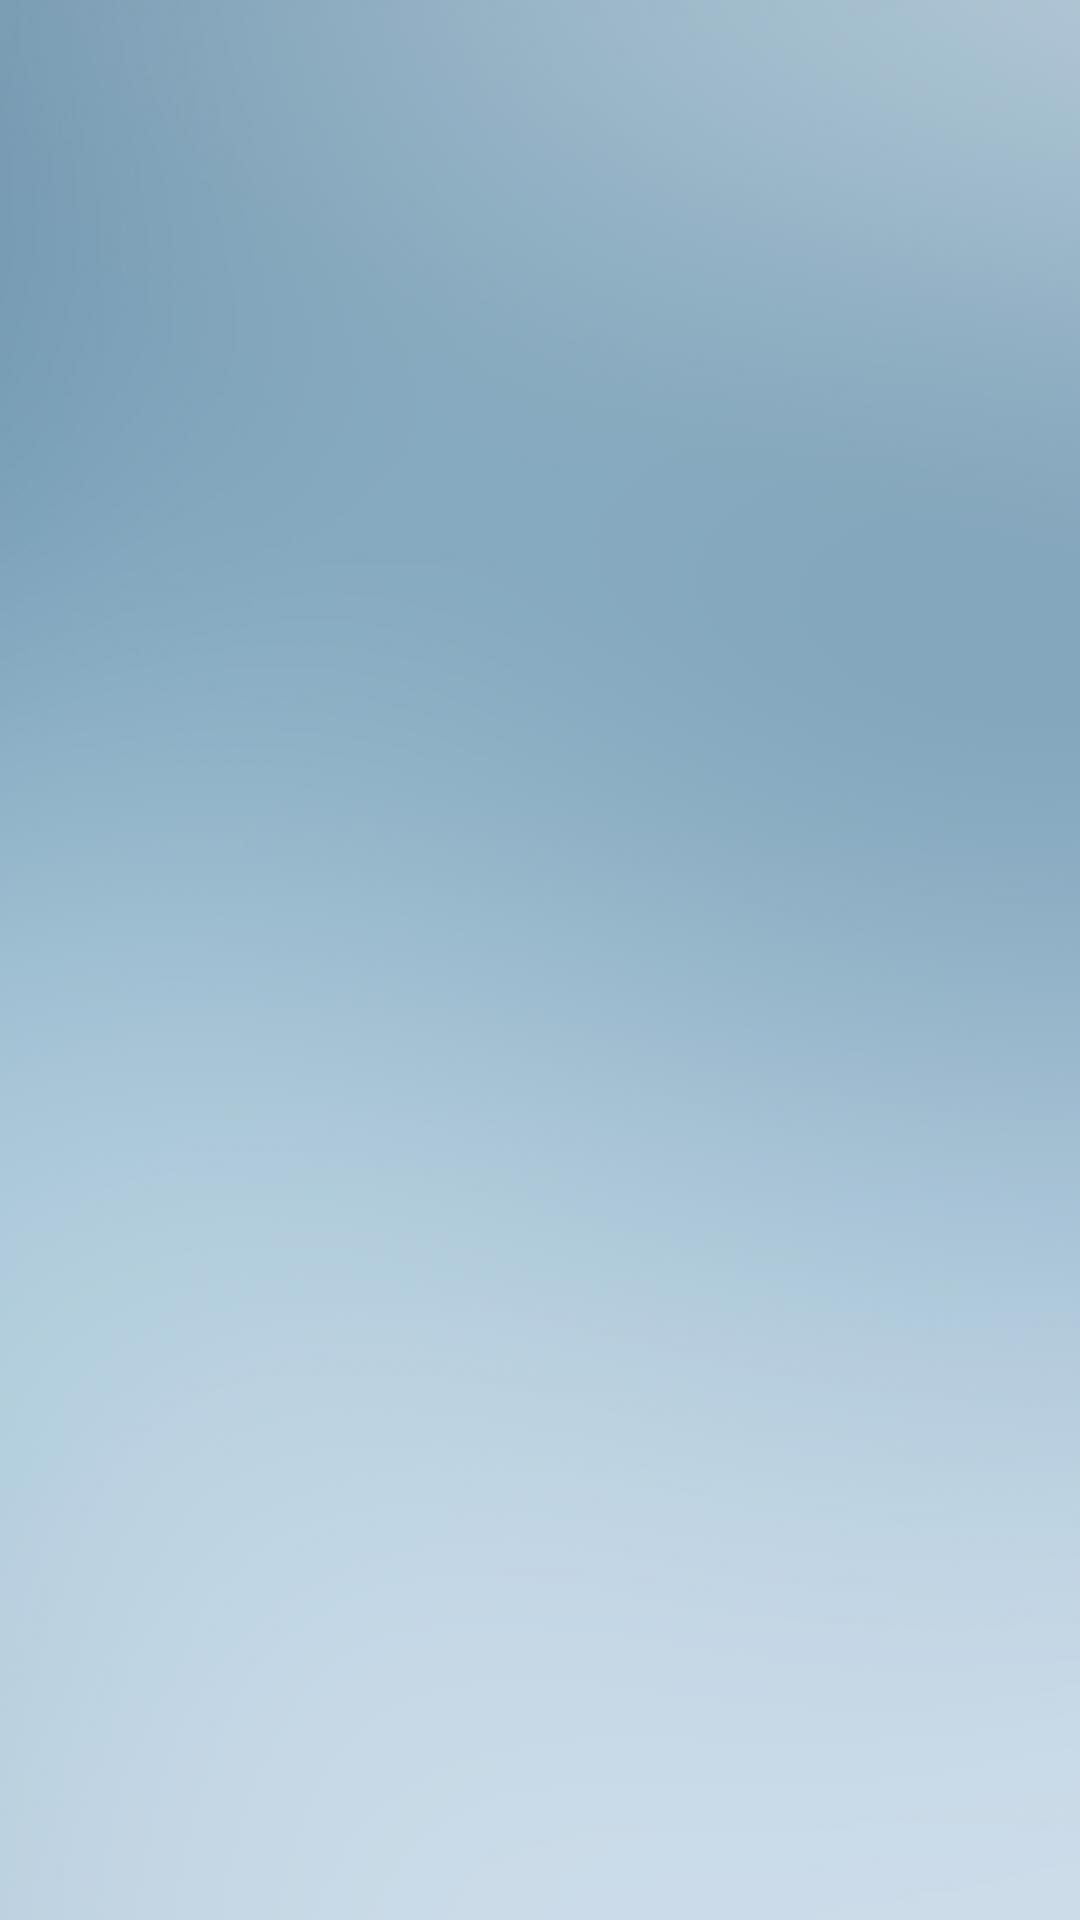 foggy sky blue gradation blur